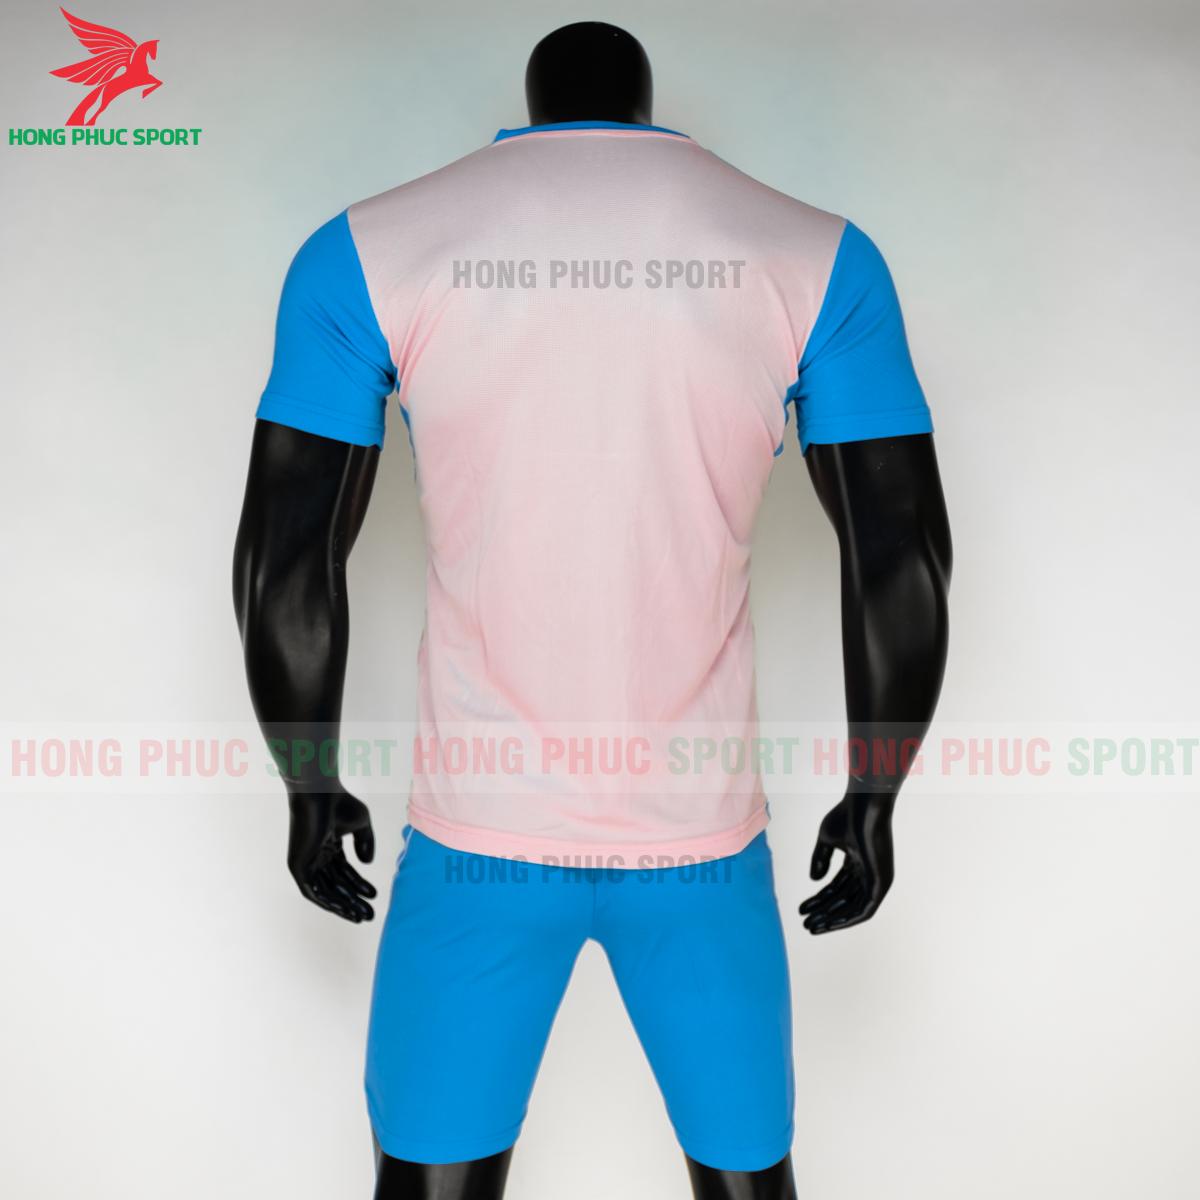 https://cdn.hongphucsport.com/unsafe/s4.shopbay.vn/files/285/ao-bong-chuyen-jordan-20-21-hang-det-mau1-8-5fae585781ce0.png